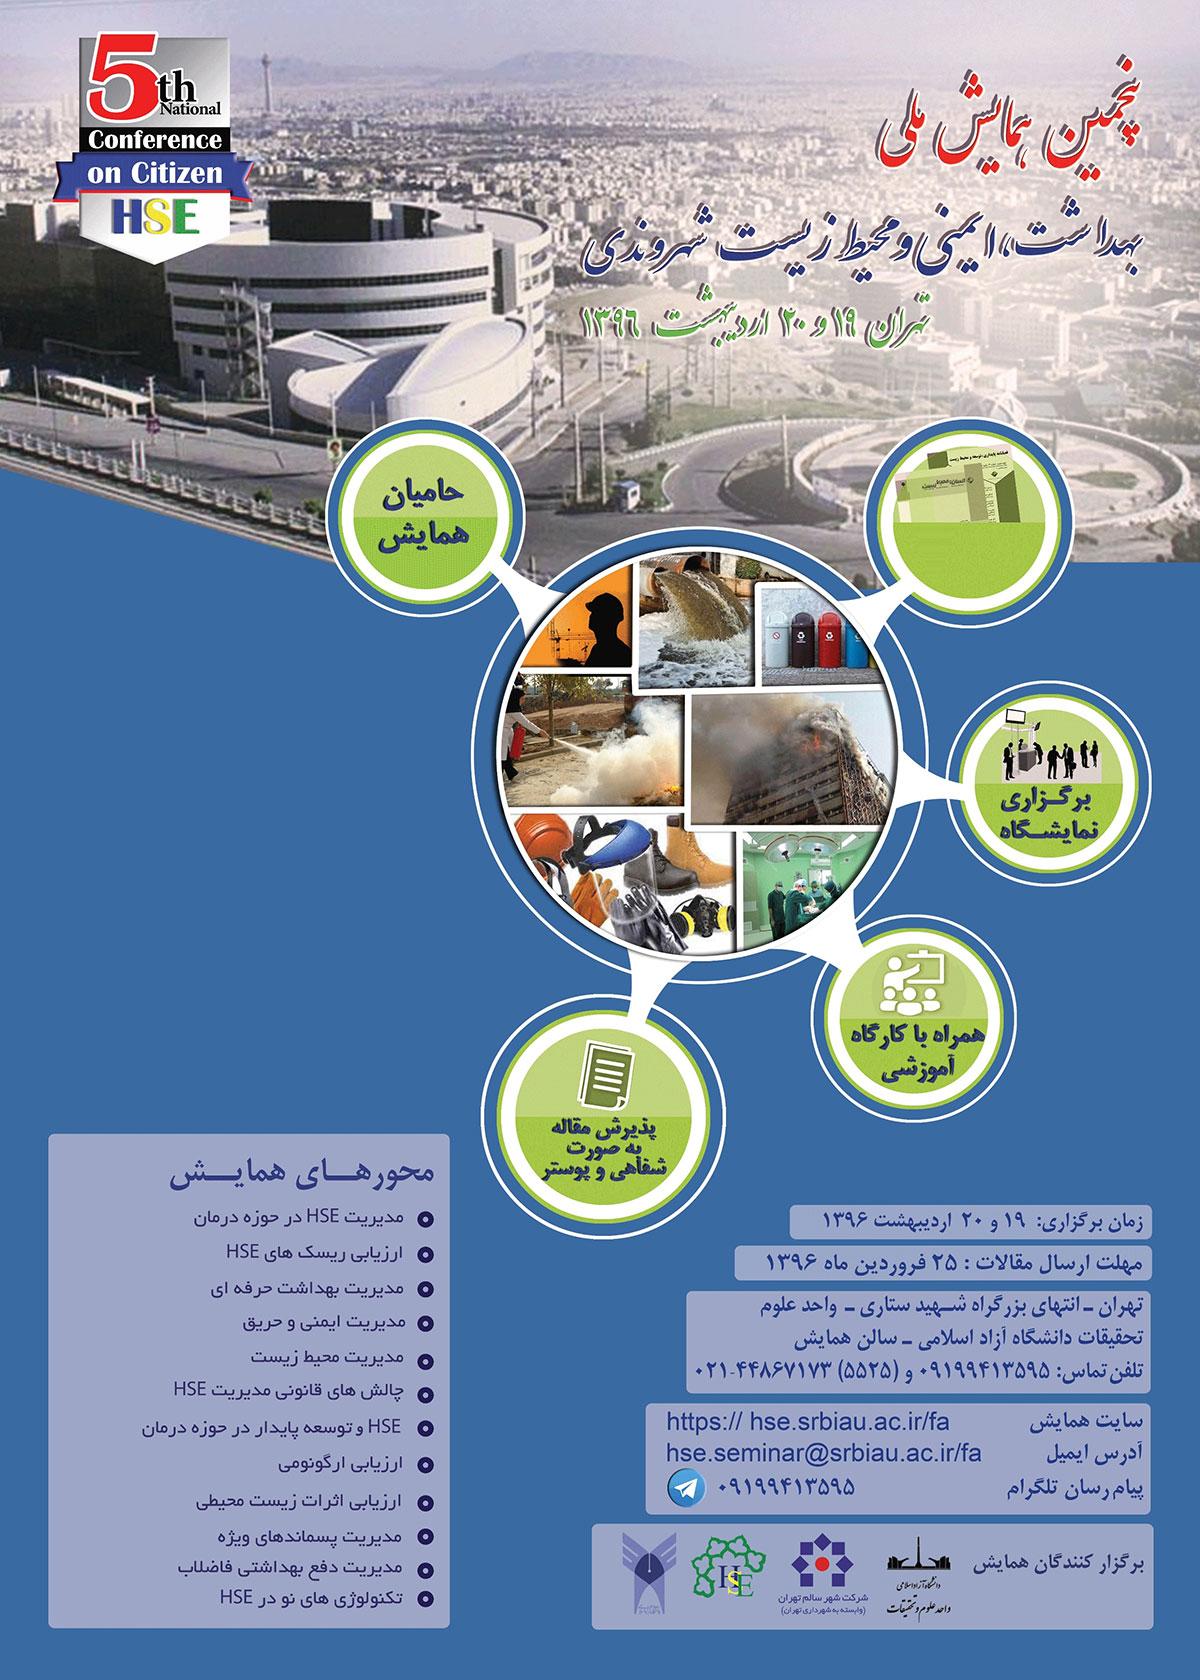 پنجمین همایش ملی بهداشت، ایمنی و محیط زیست(hse) شهروندی